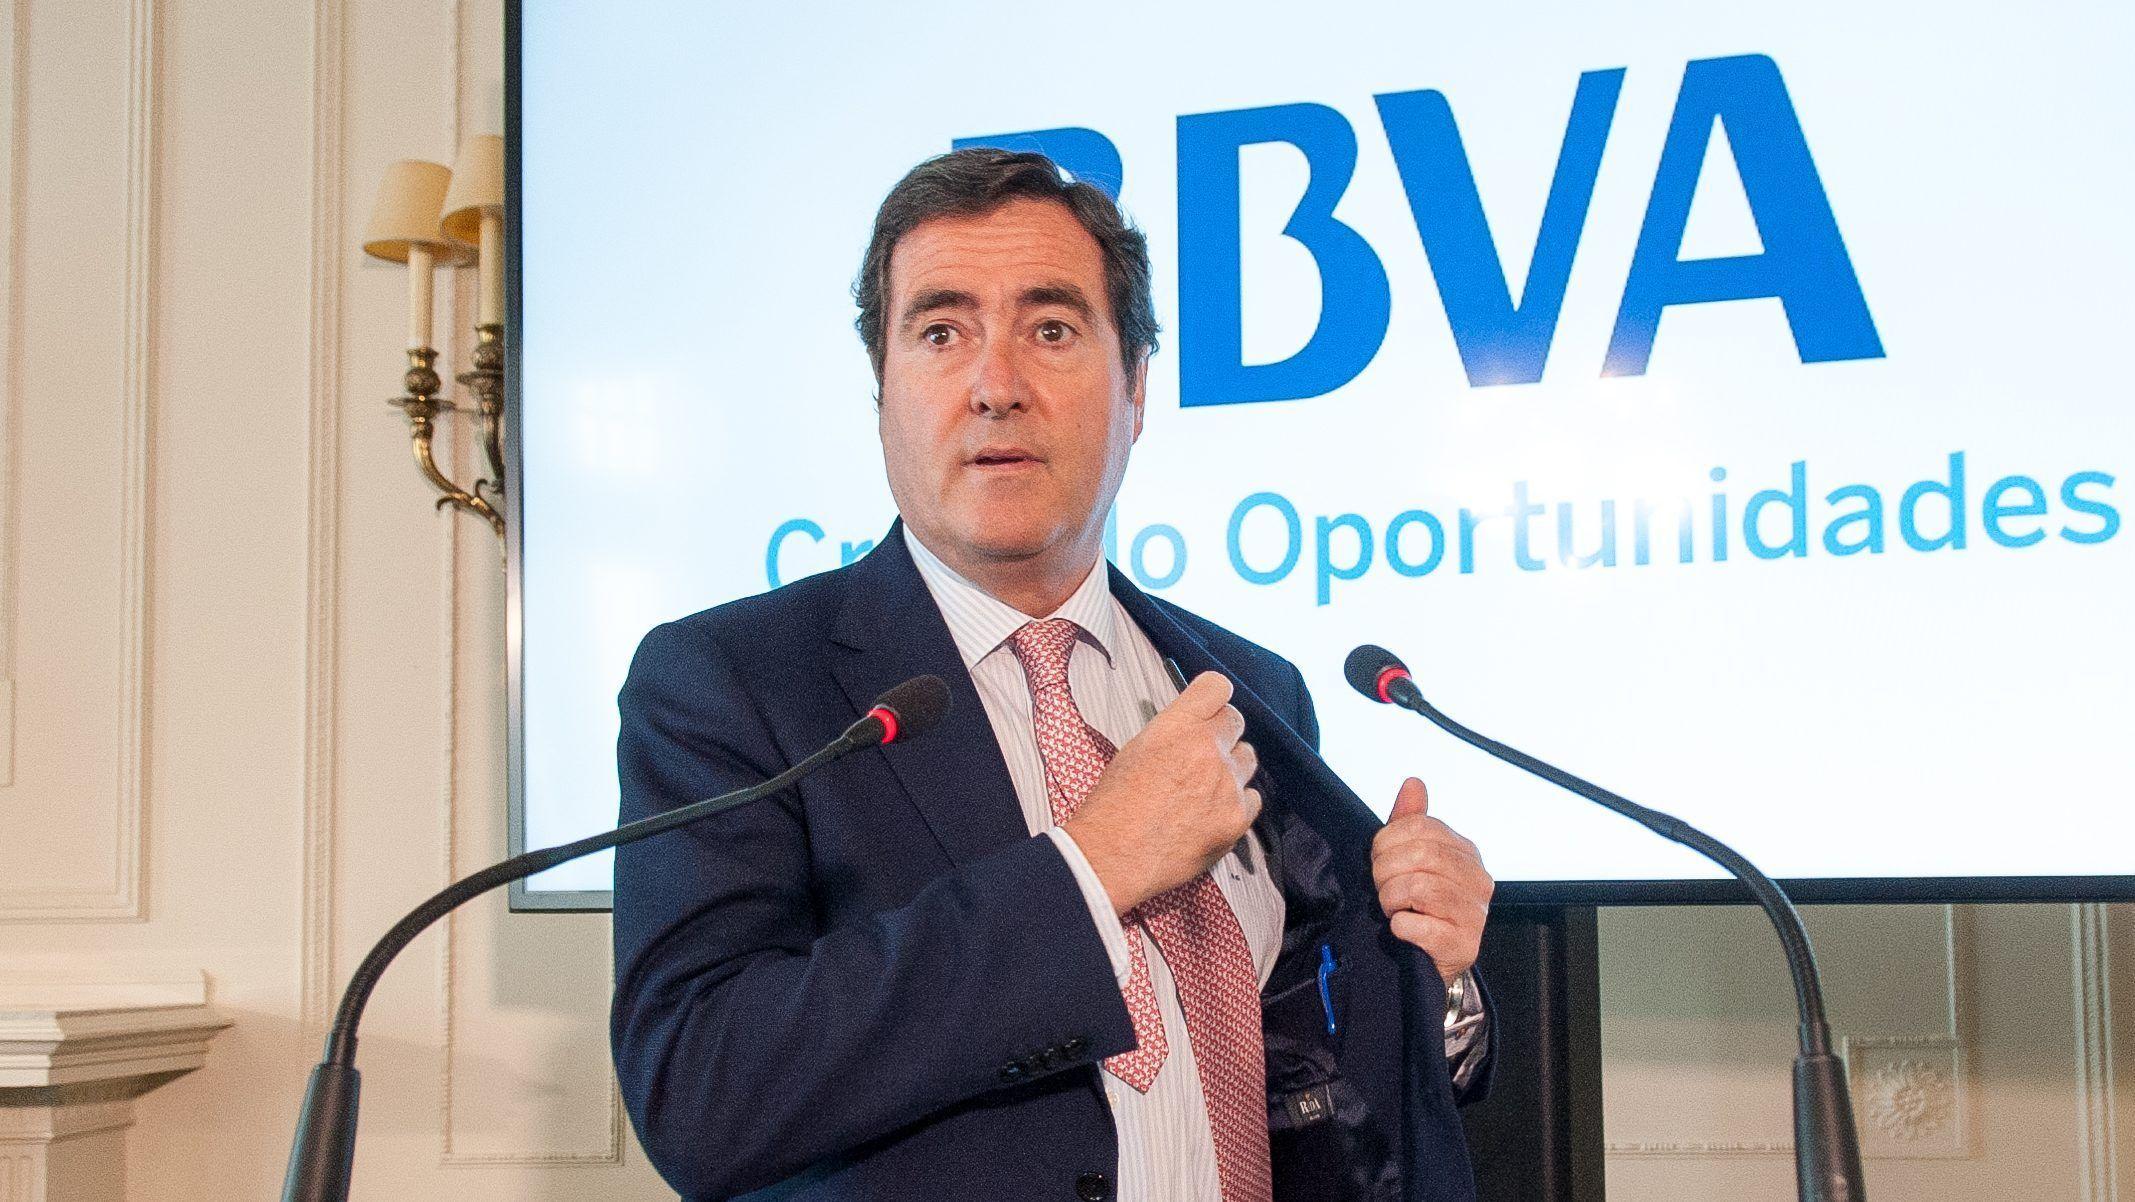 Antonio Garamendi, Vicepresidente de la CEOE y presidente de Cepyme, durante su intervención en el Curso de Economía organizado por APIE en la Universidad Menéndez Pelayo de Santander.